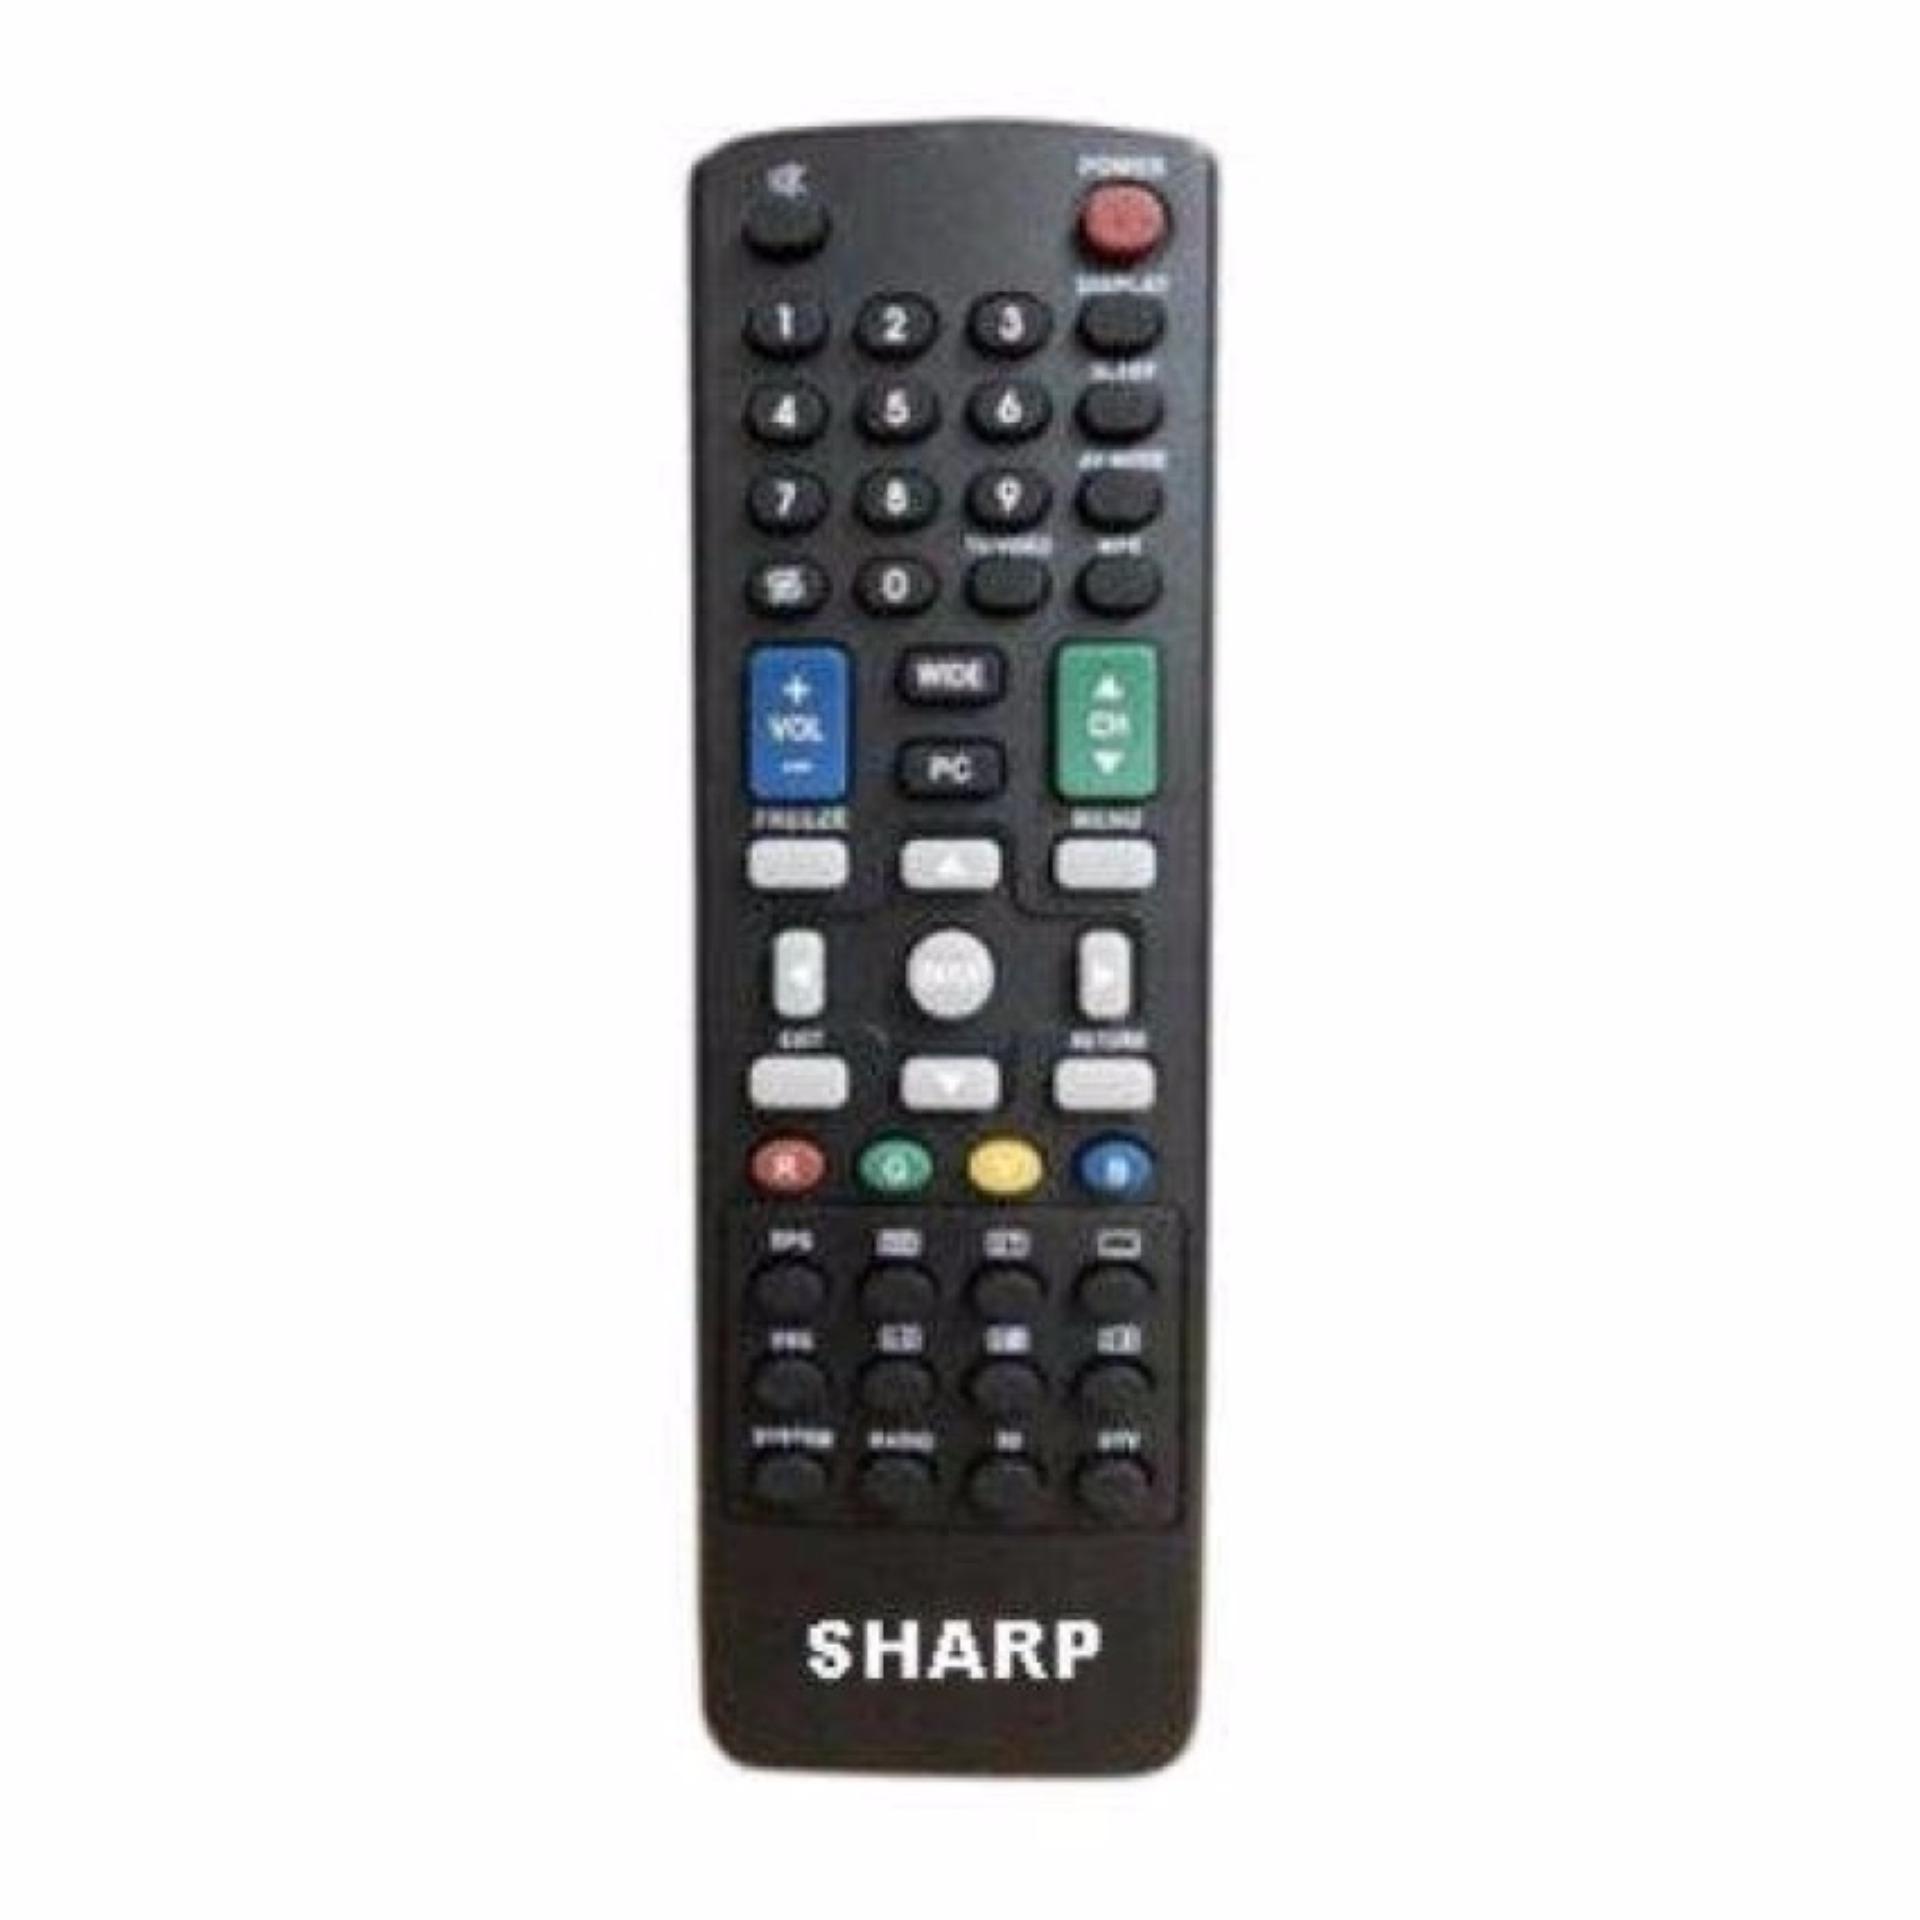 Sharp Remote LCD/LED Cocok Untuk Semua TV LED